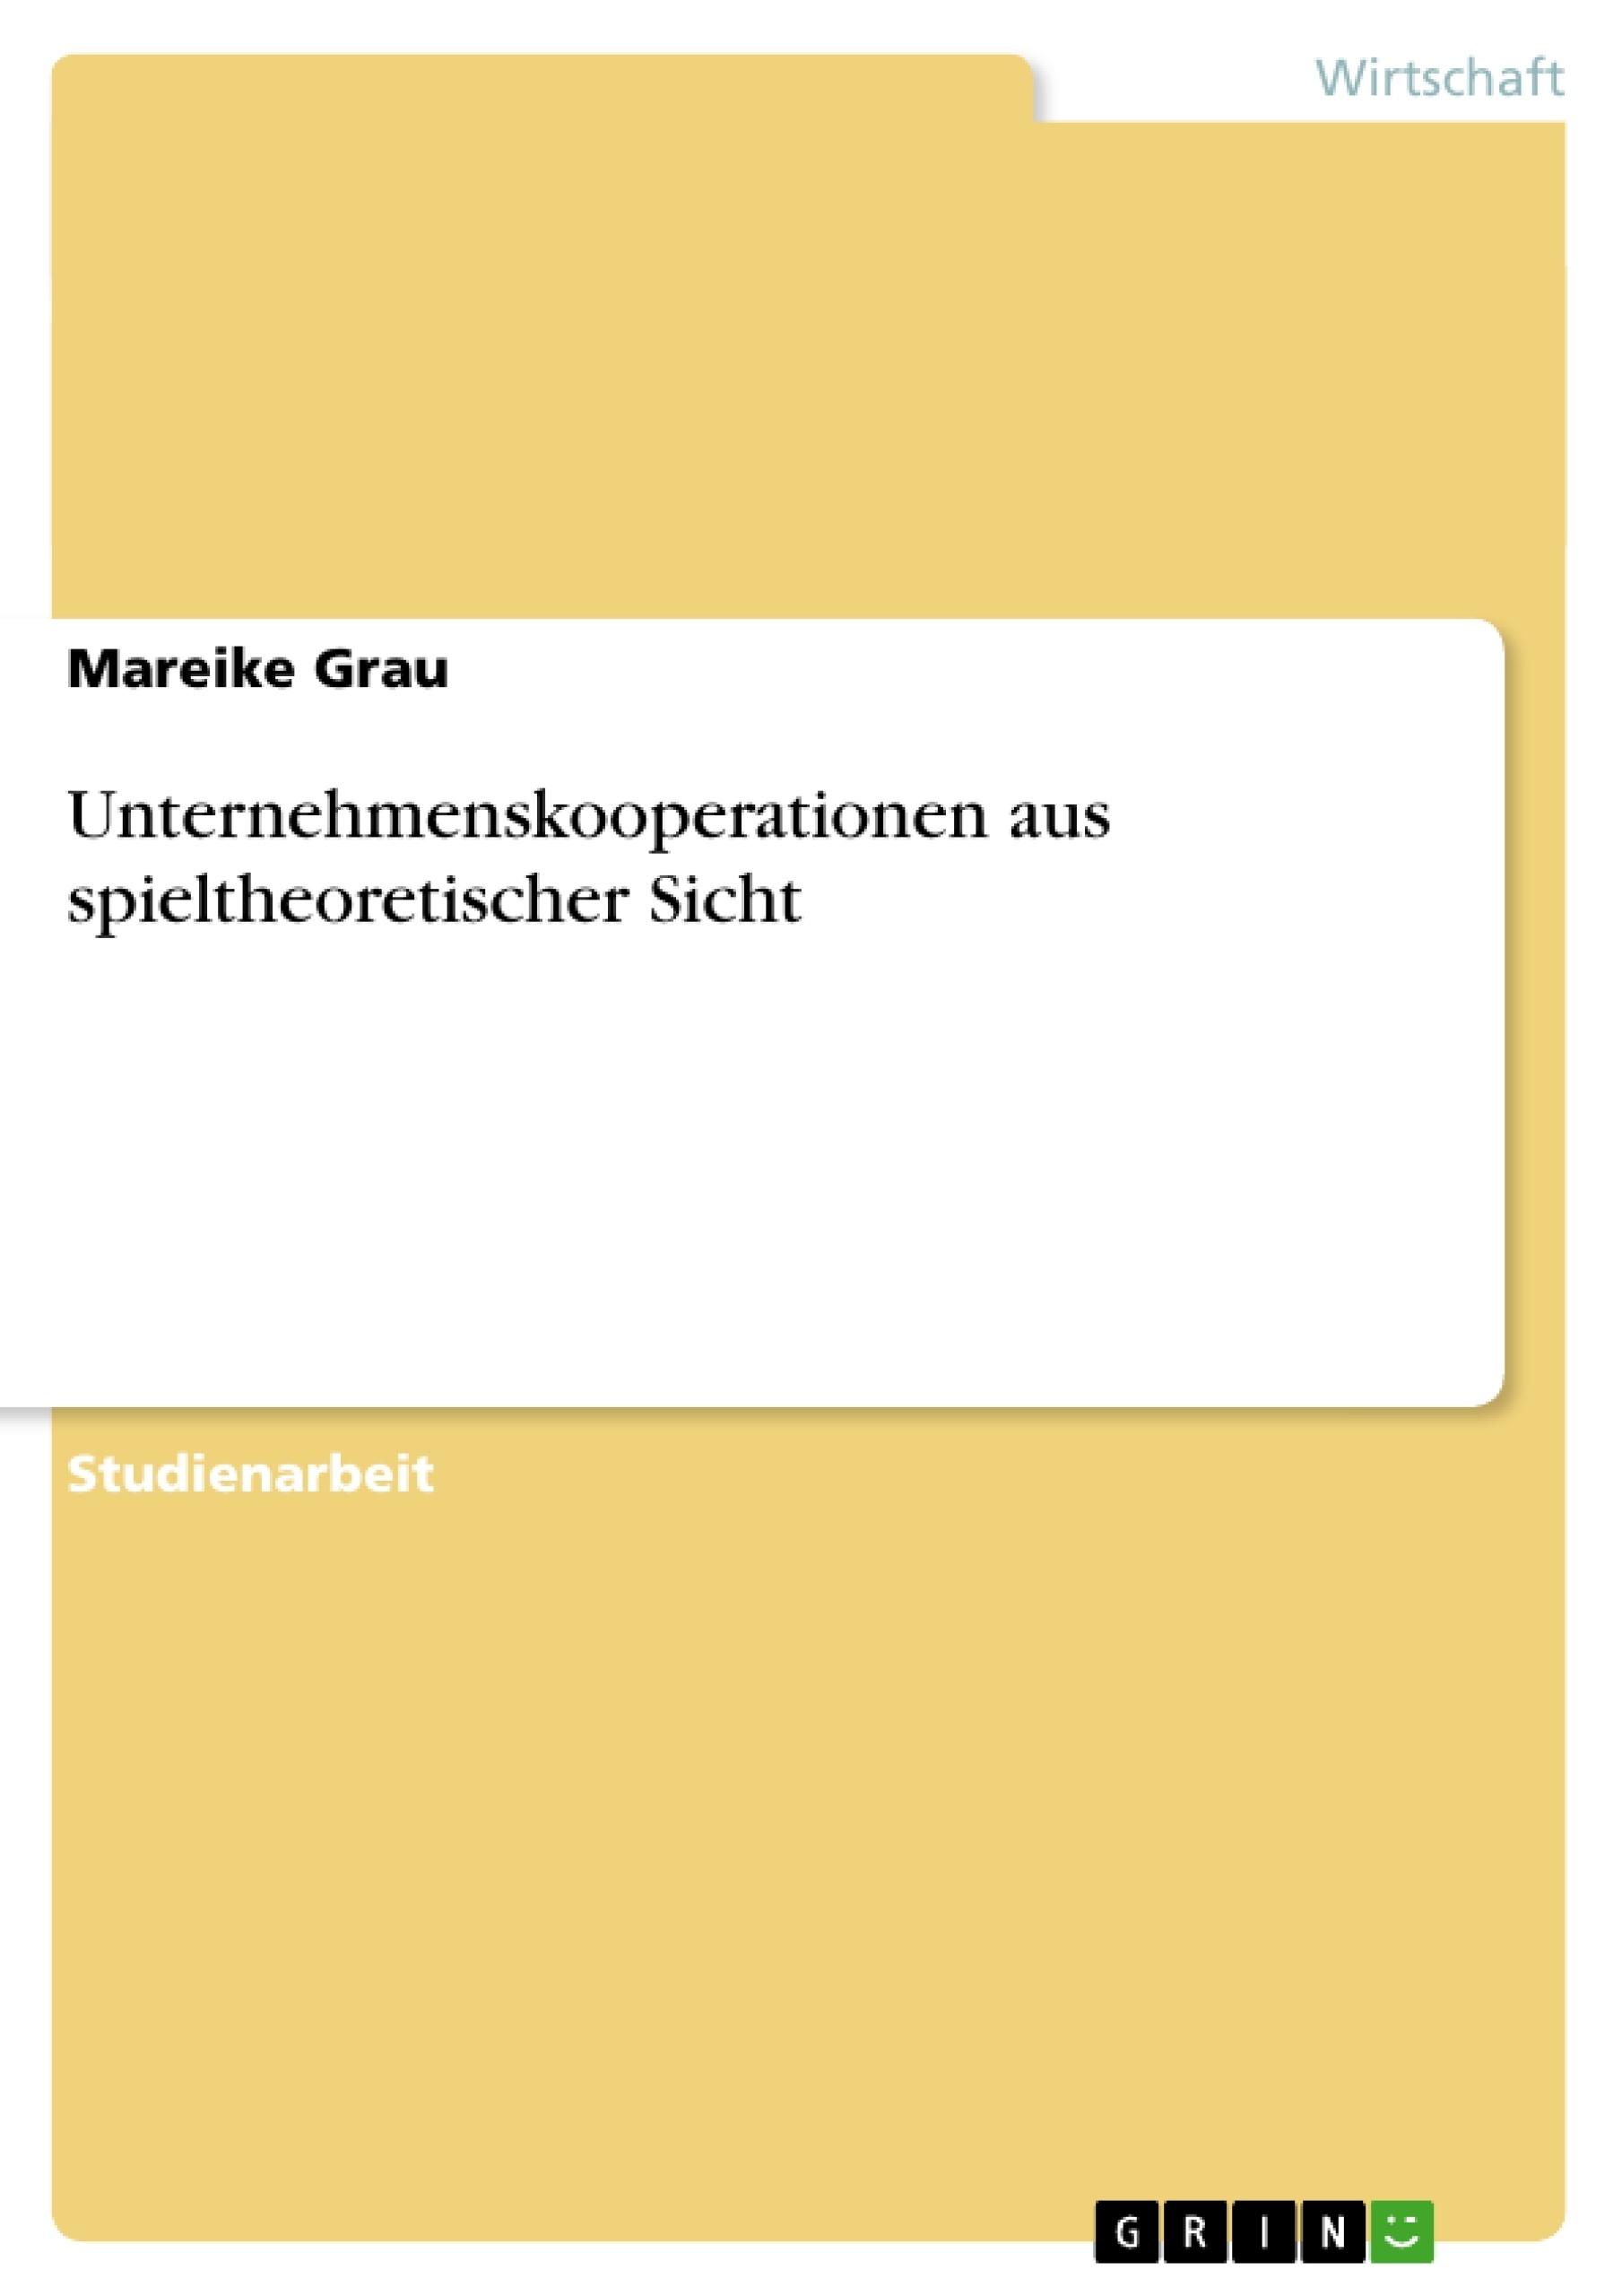 Titel: Unternehmenskooperationen aus spieltheoretischer Sicht